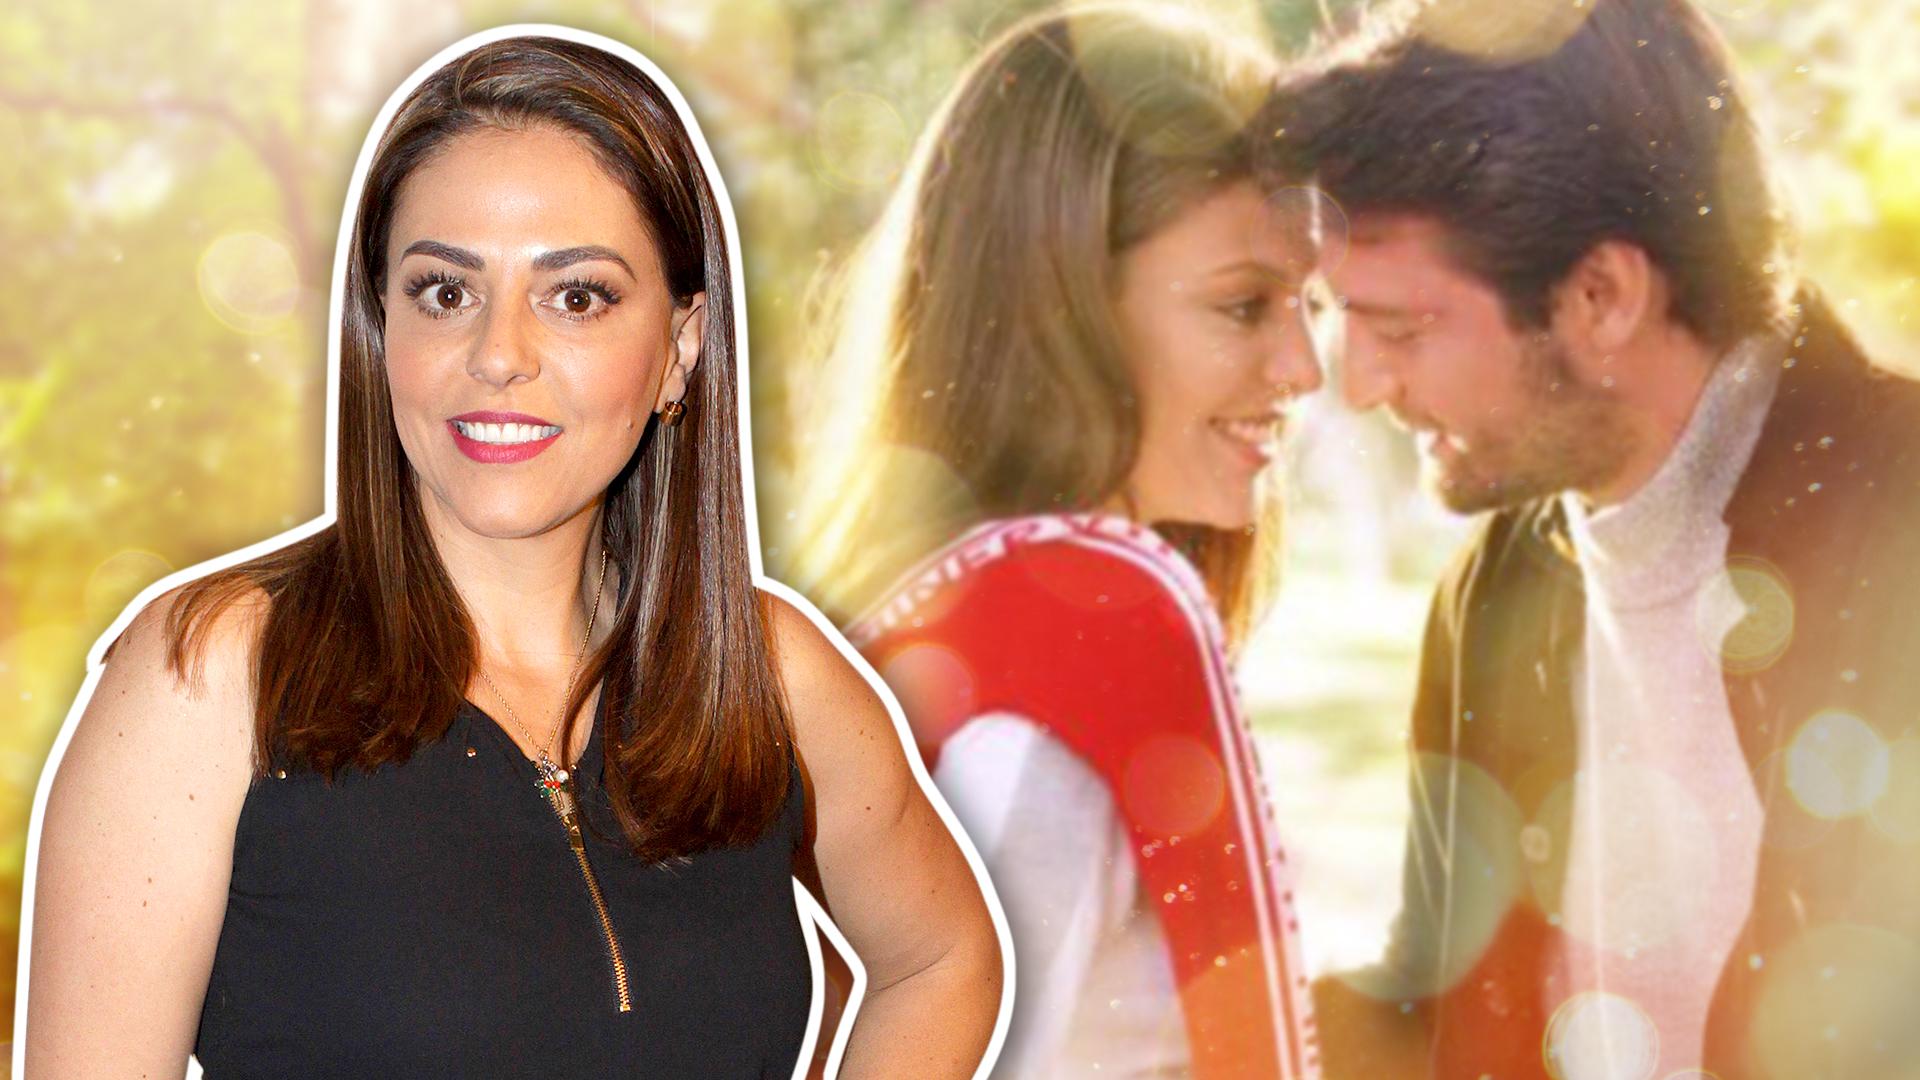 ¿Qué fue de Adriana Nieto después del escándalo de 'Locura de amor'?